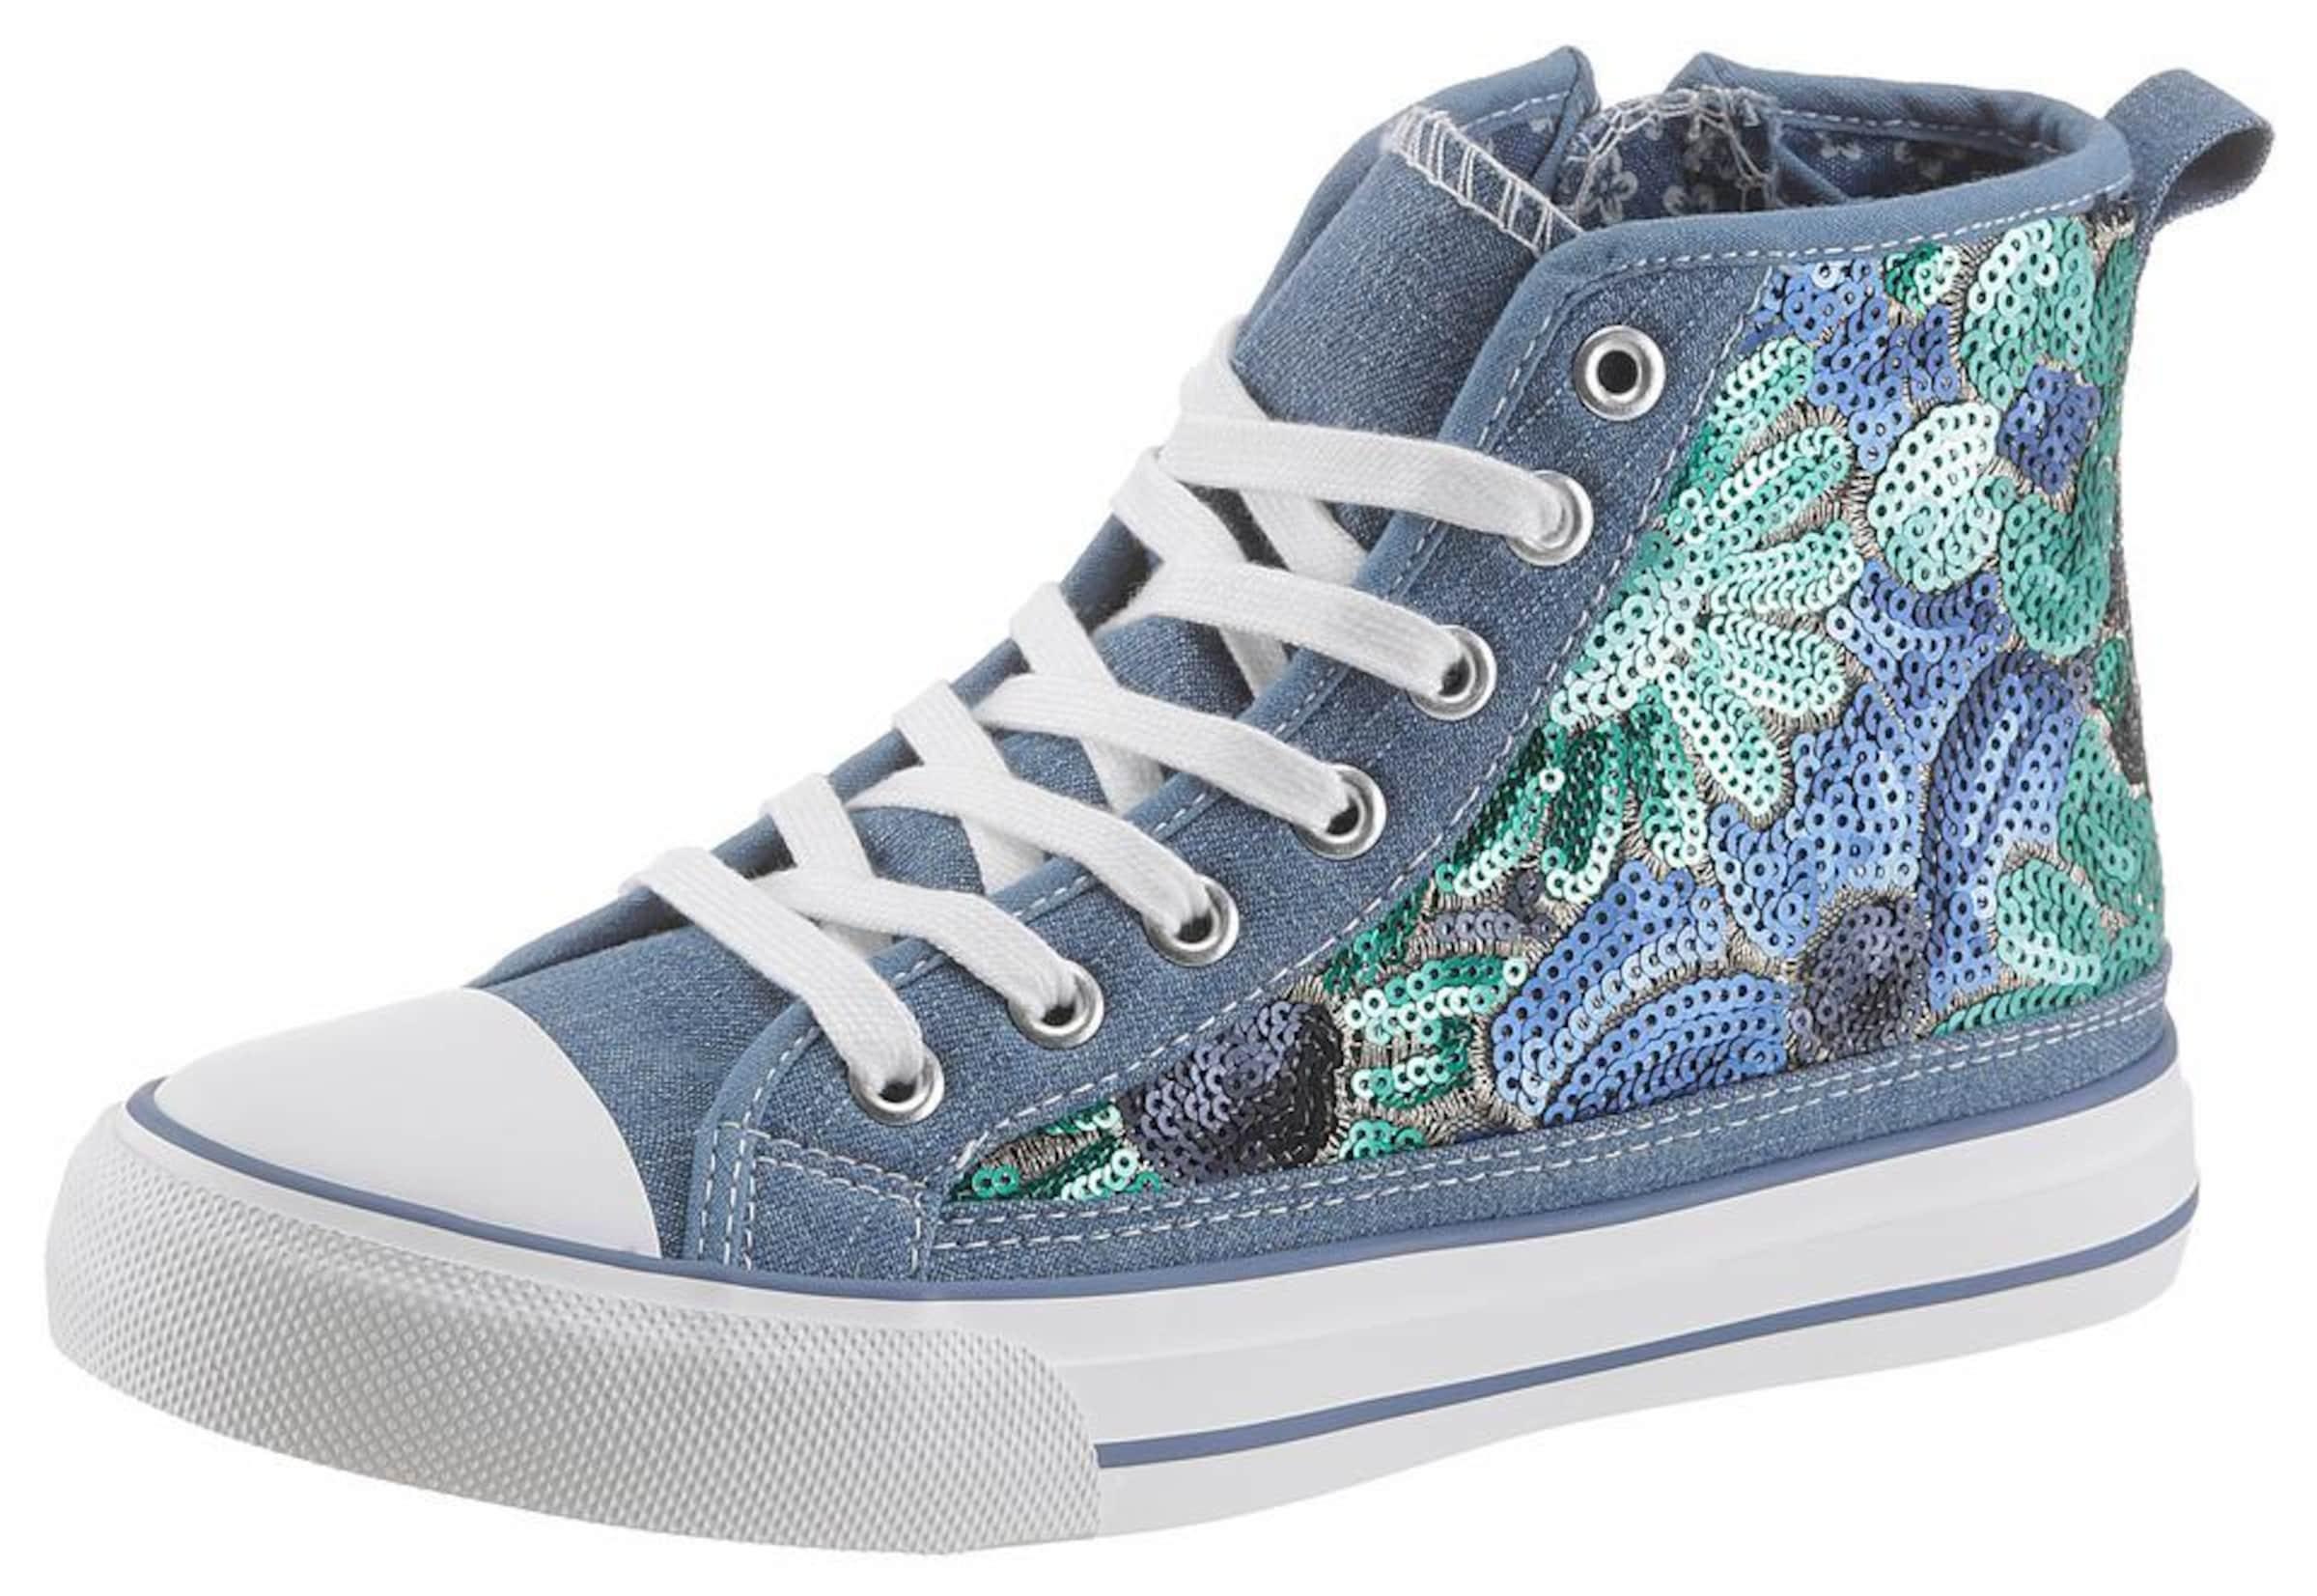 ARIZONA Sneaker Günstige und langlebige Schuhe